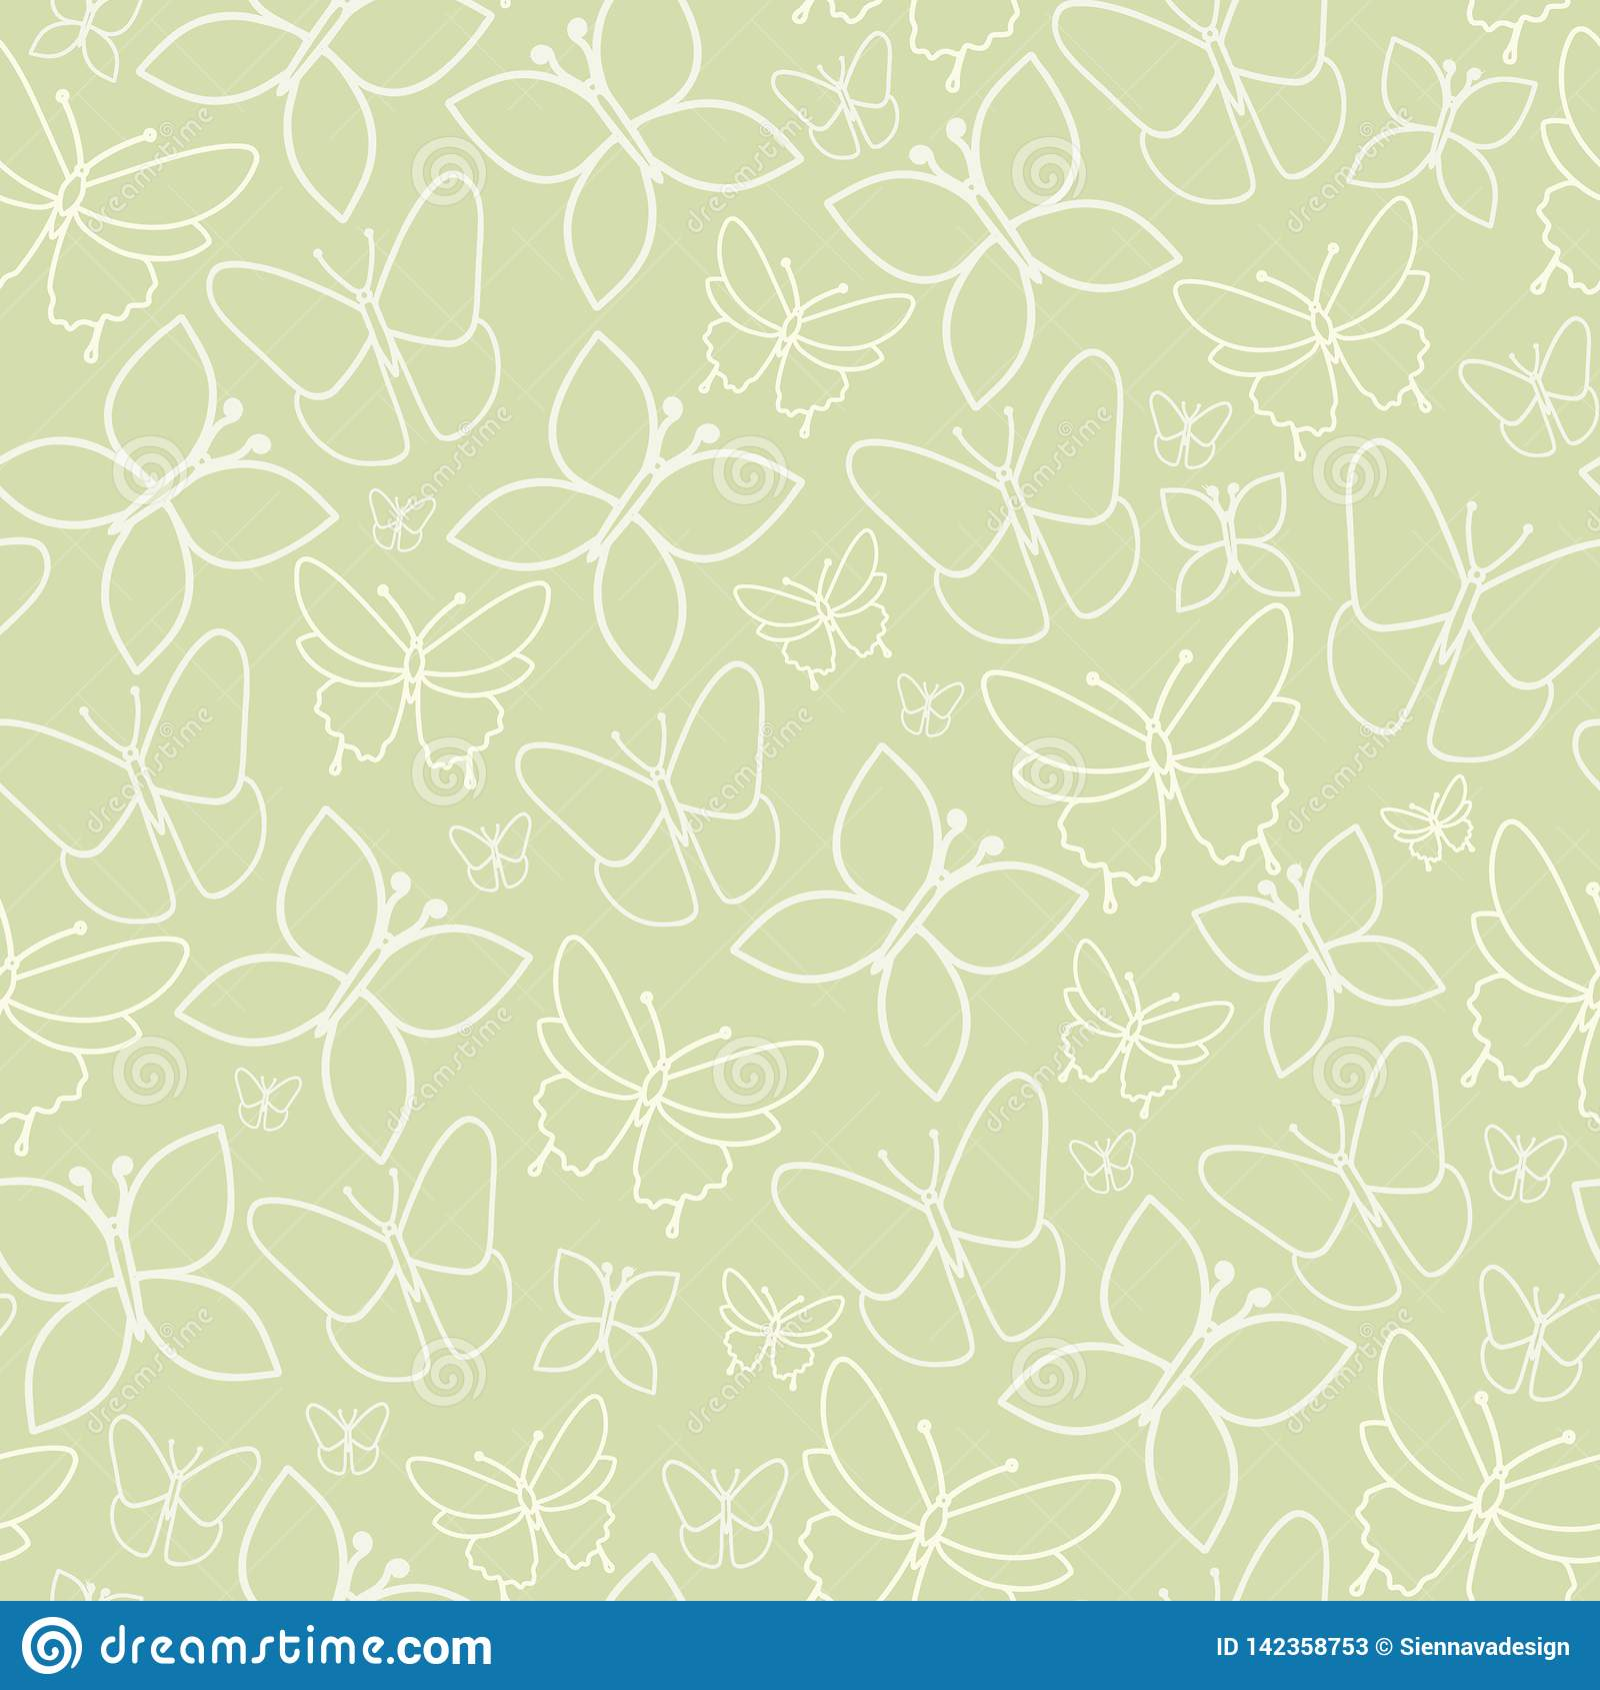 Διασκέδασης πράσινη σύσταση σχεδίων πεταλούδων άνευ ραφής